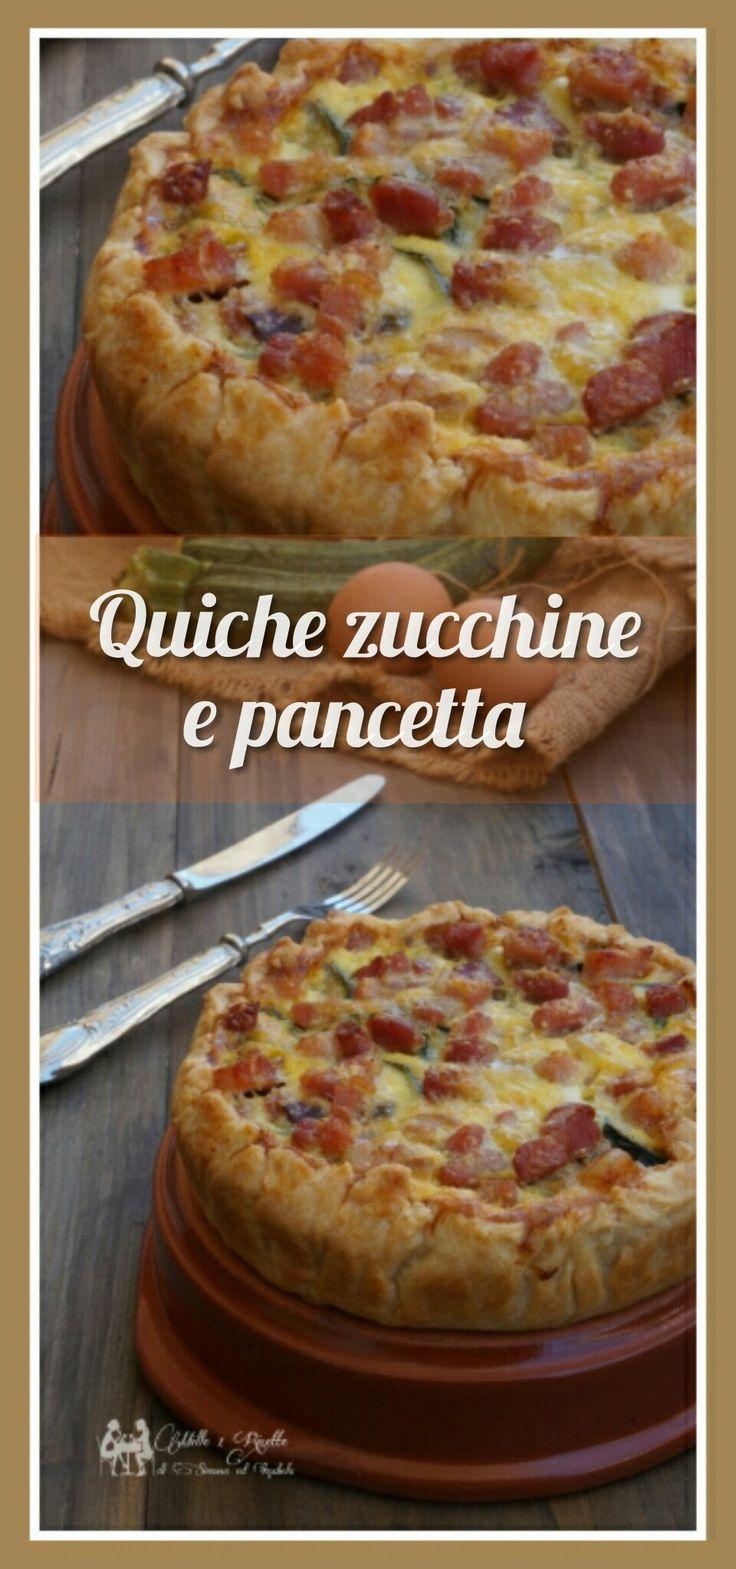 Quiche zucchine e prosciutto http://blog.giallozafferano.it/mille1ricette/quiche-zucchine-pancetta/ #mille1ricette #giallozafferano #Gzblog #tasty #sweet #recipe #TOP #top_Food_photo #tasty #Quiche #prosciutto #zucchine